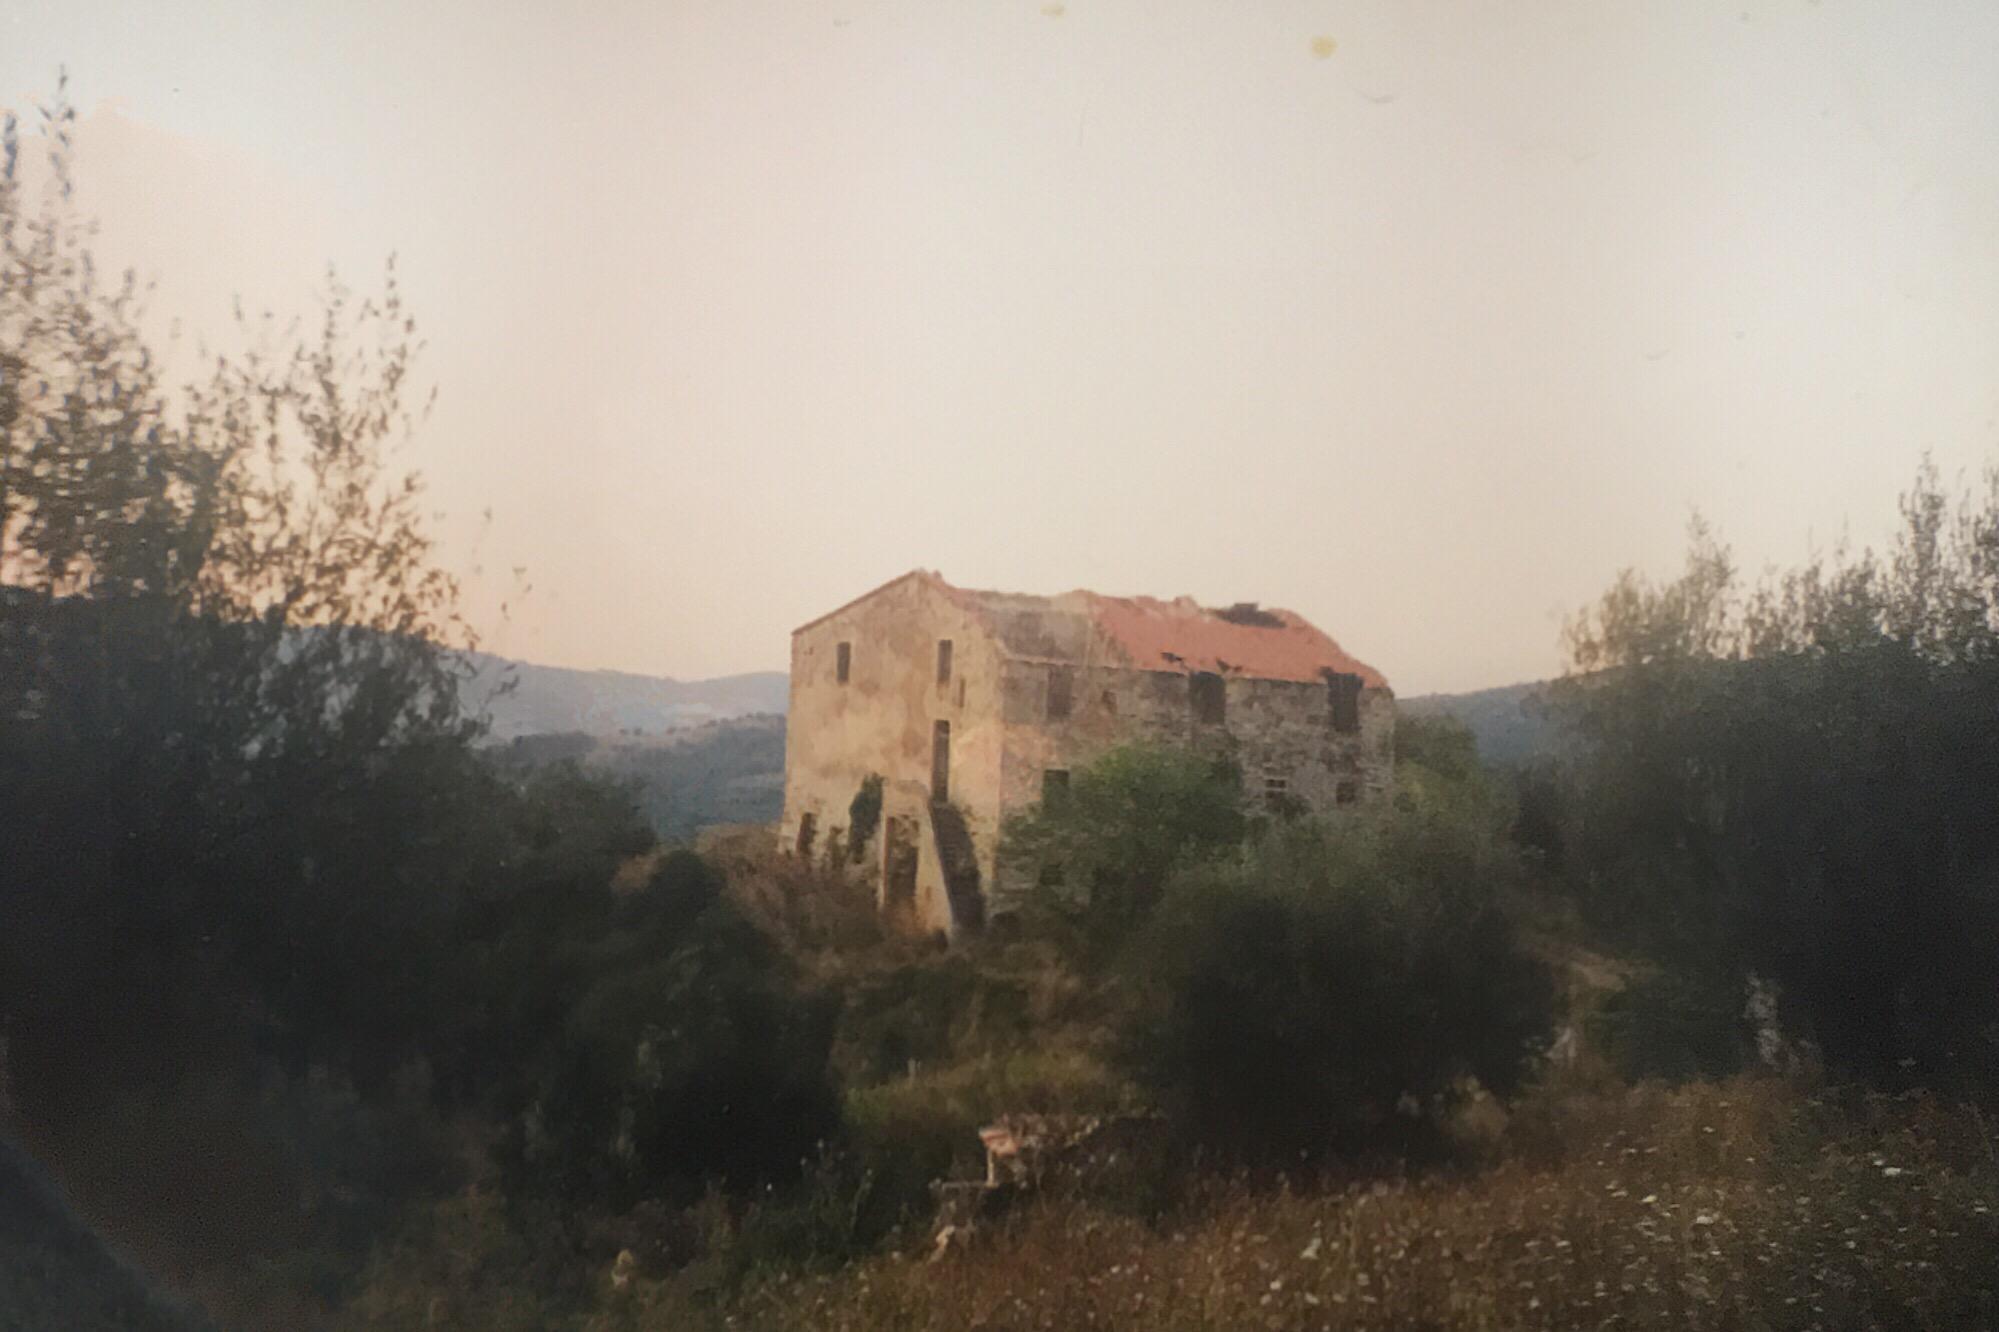 Original Property